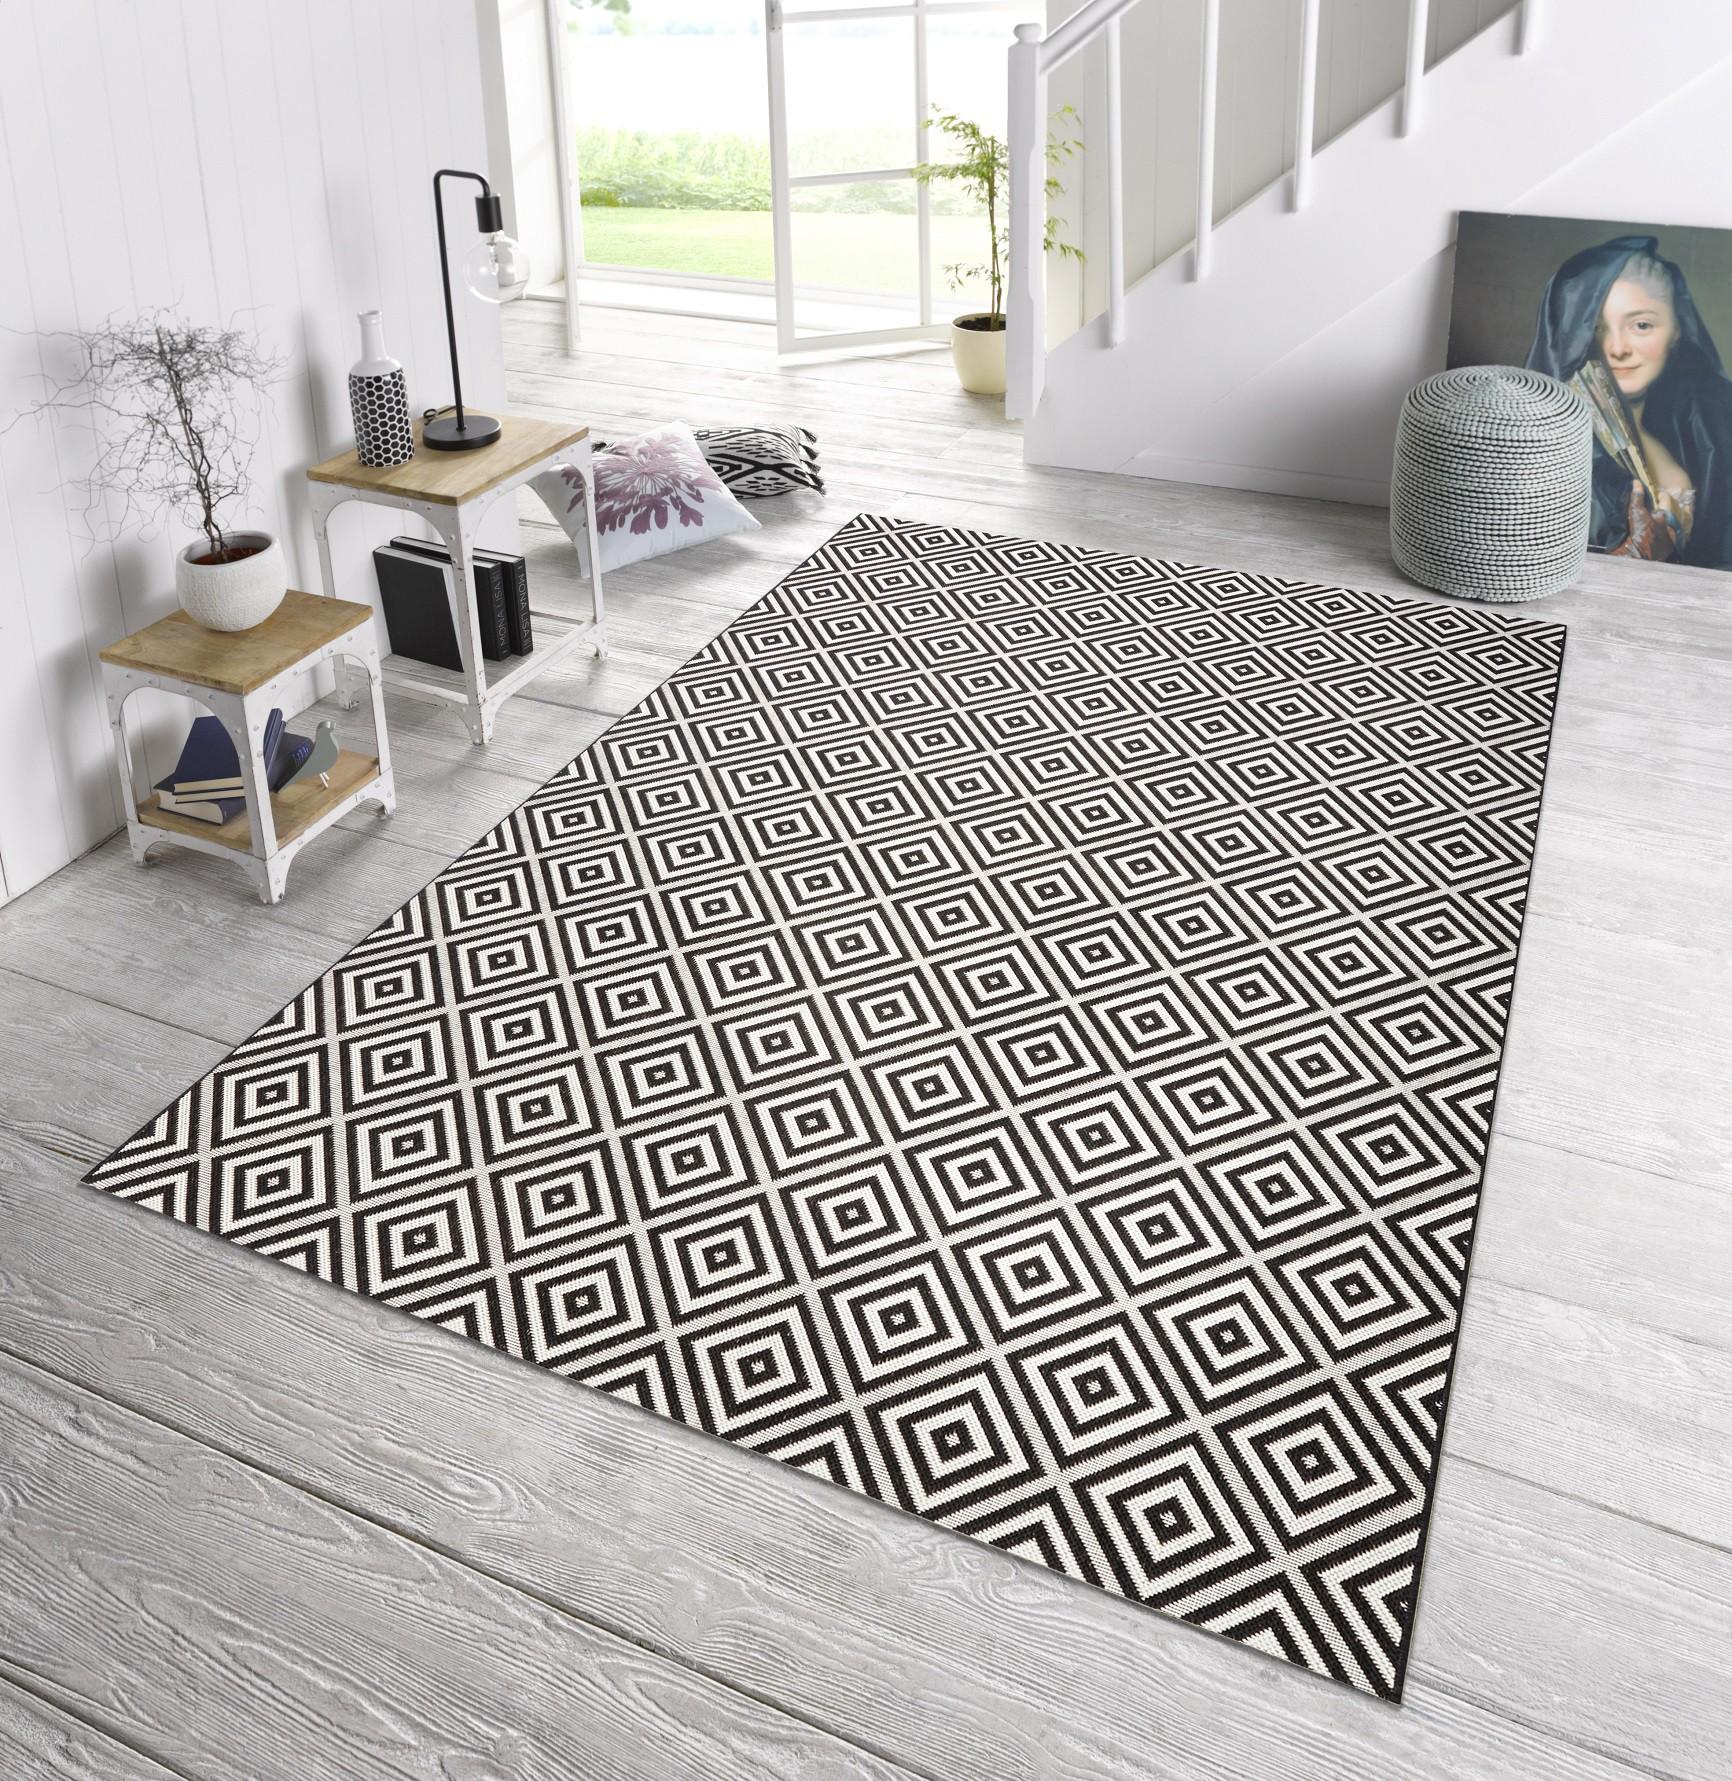 850-In--und-Outdoor-Design-Teppich-Terrasse-160-x-230 Inspiration Outdoor Teppich Kunststoff Schema